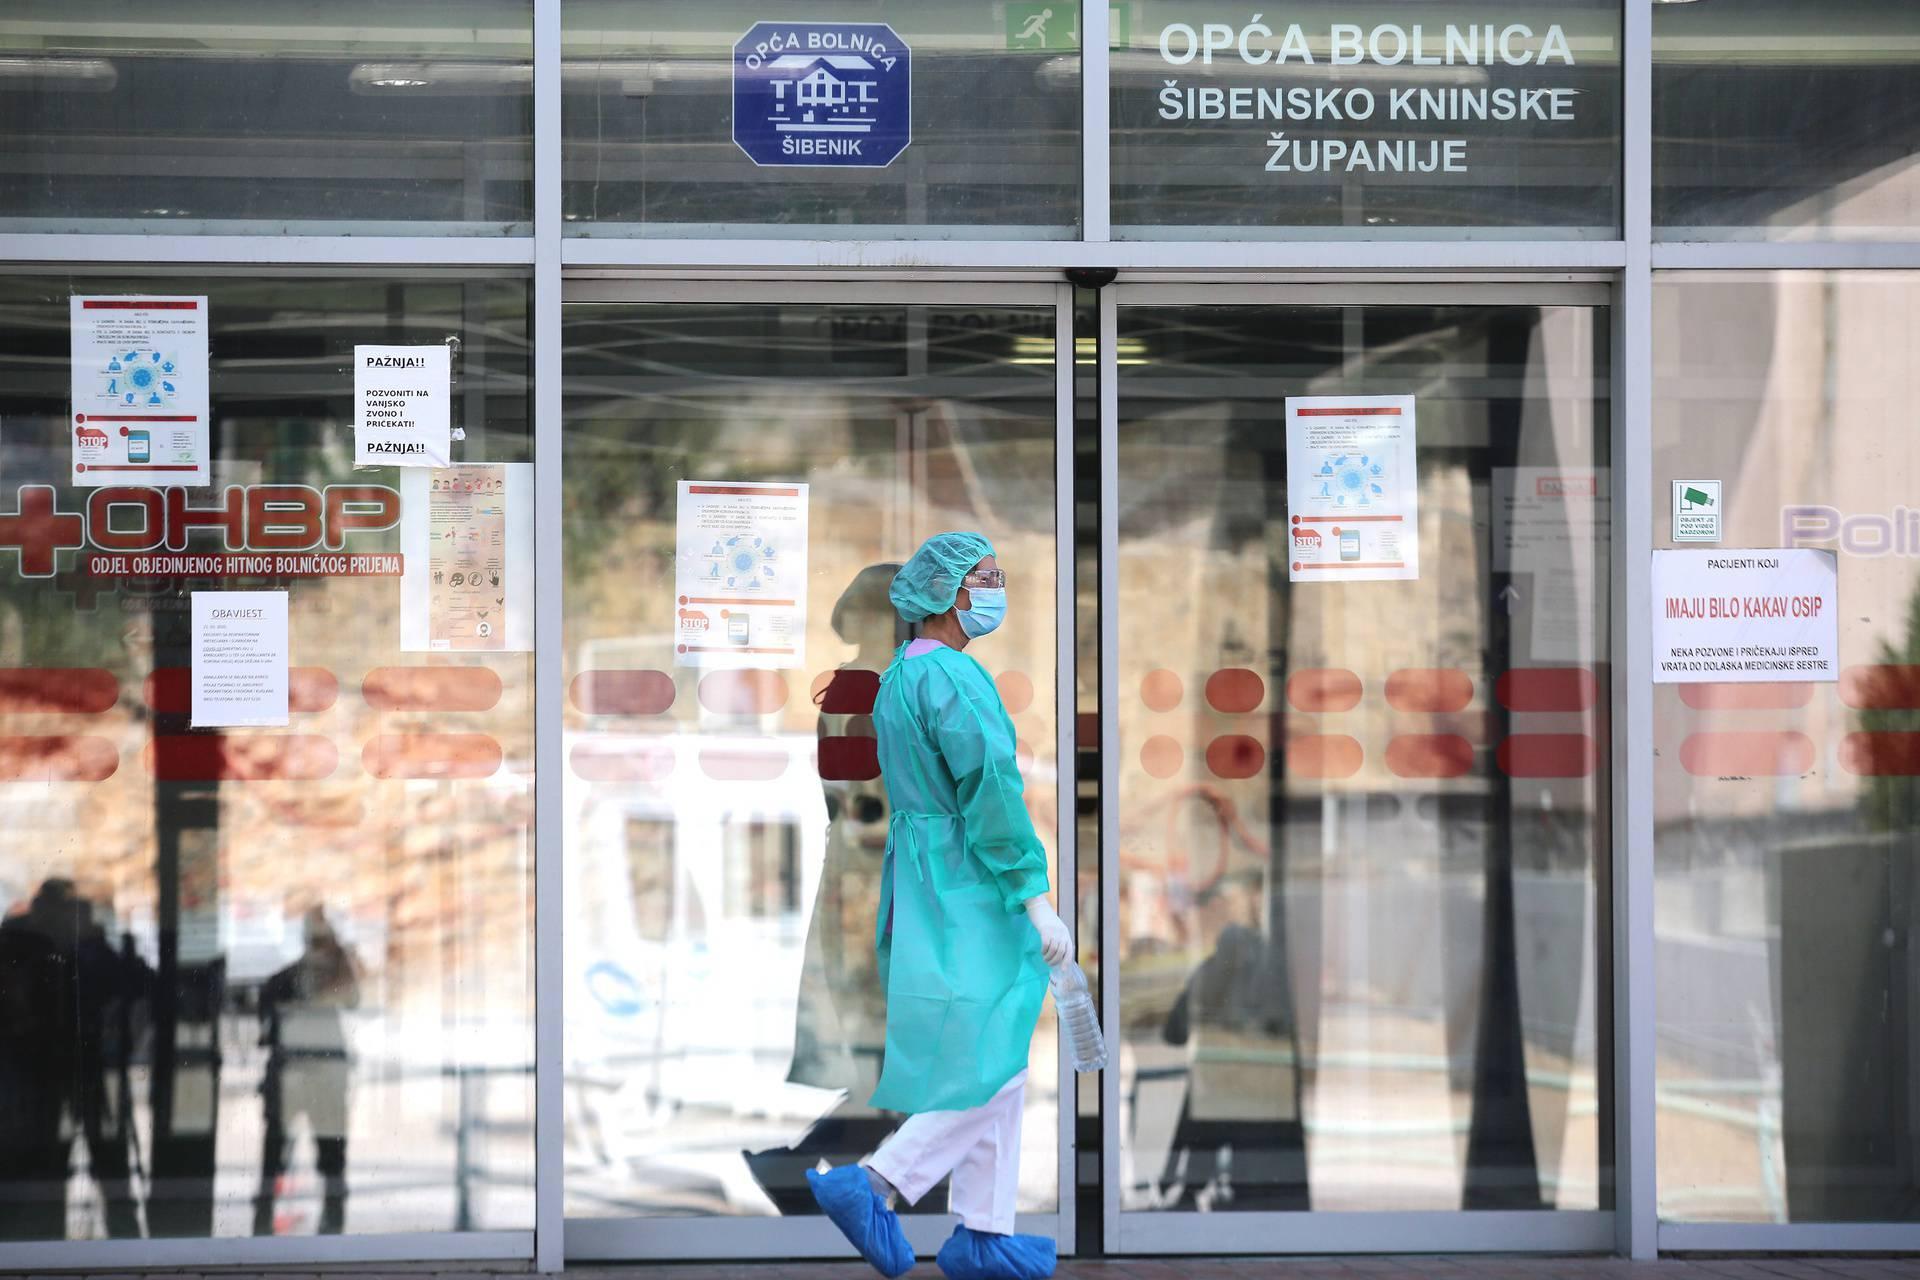 Medicinsko osoblje Opće bolnice Šibenik